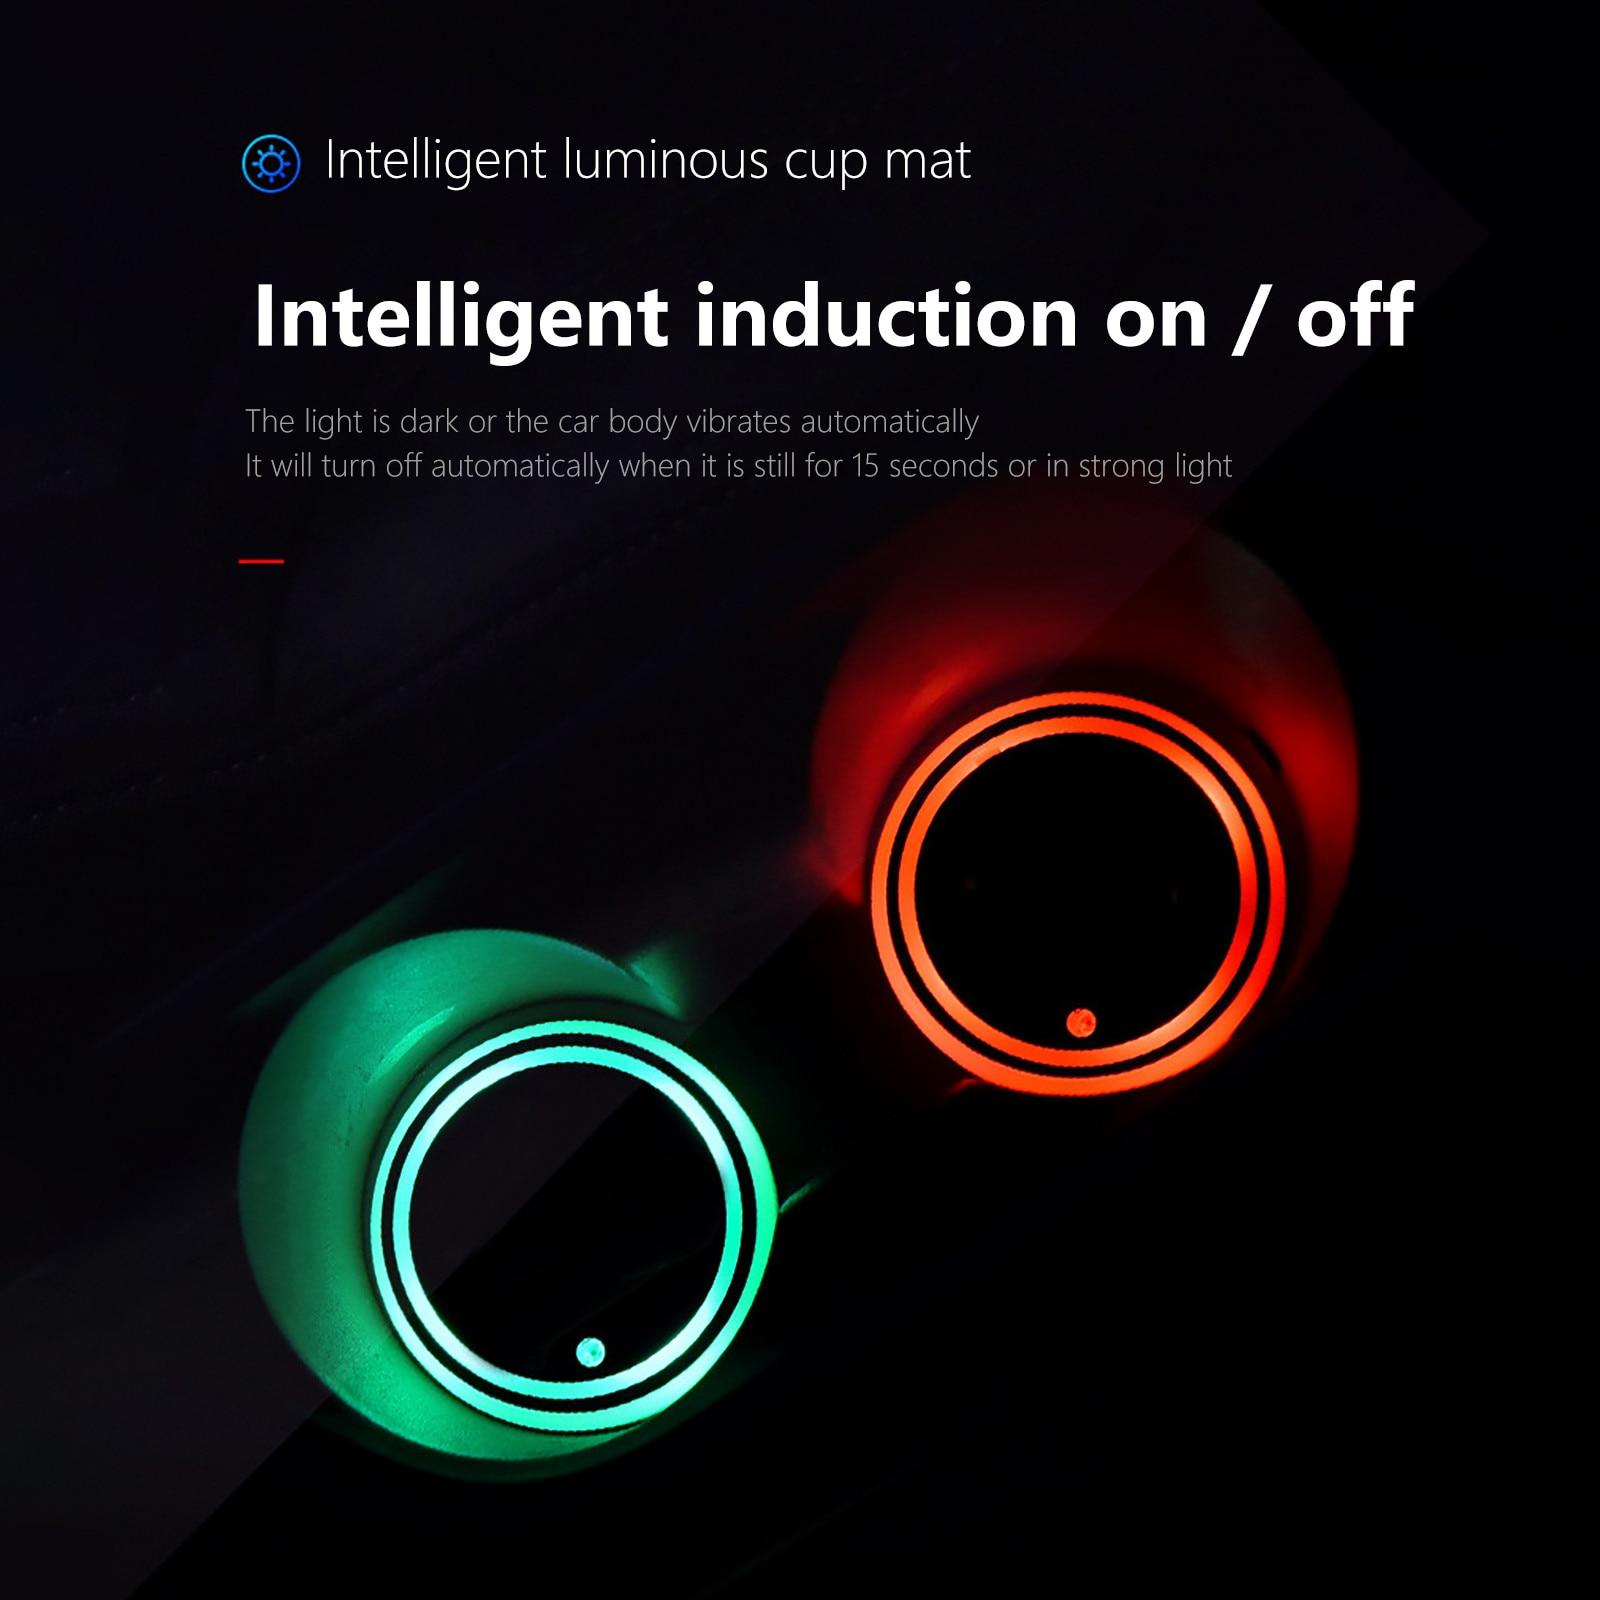 Najnowszy uchwyt na kubek samochodowy atmosfera LED Light akcesoria samochodowe 7 kolorów USB ładowanie wodoodporne żarówki Coaster samochodowe Dropshipping